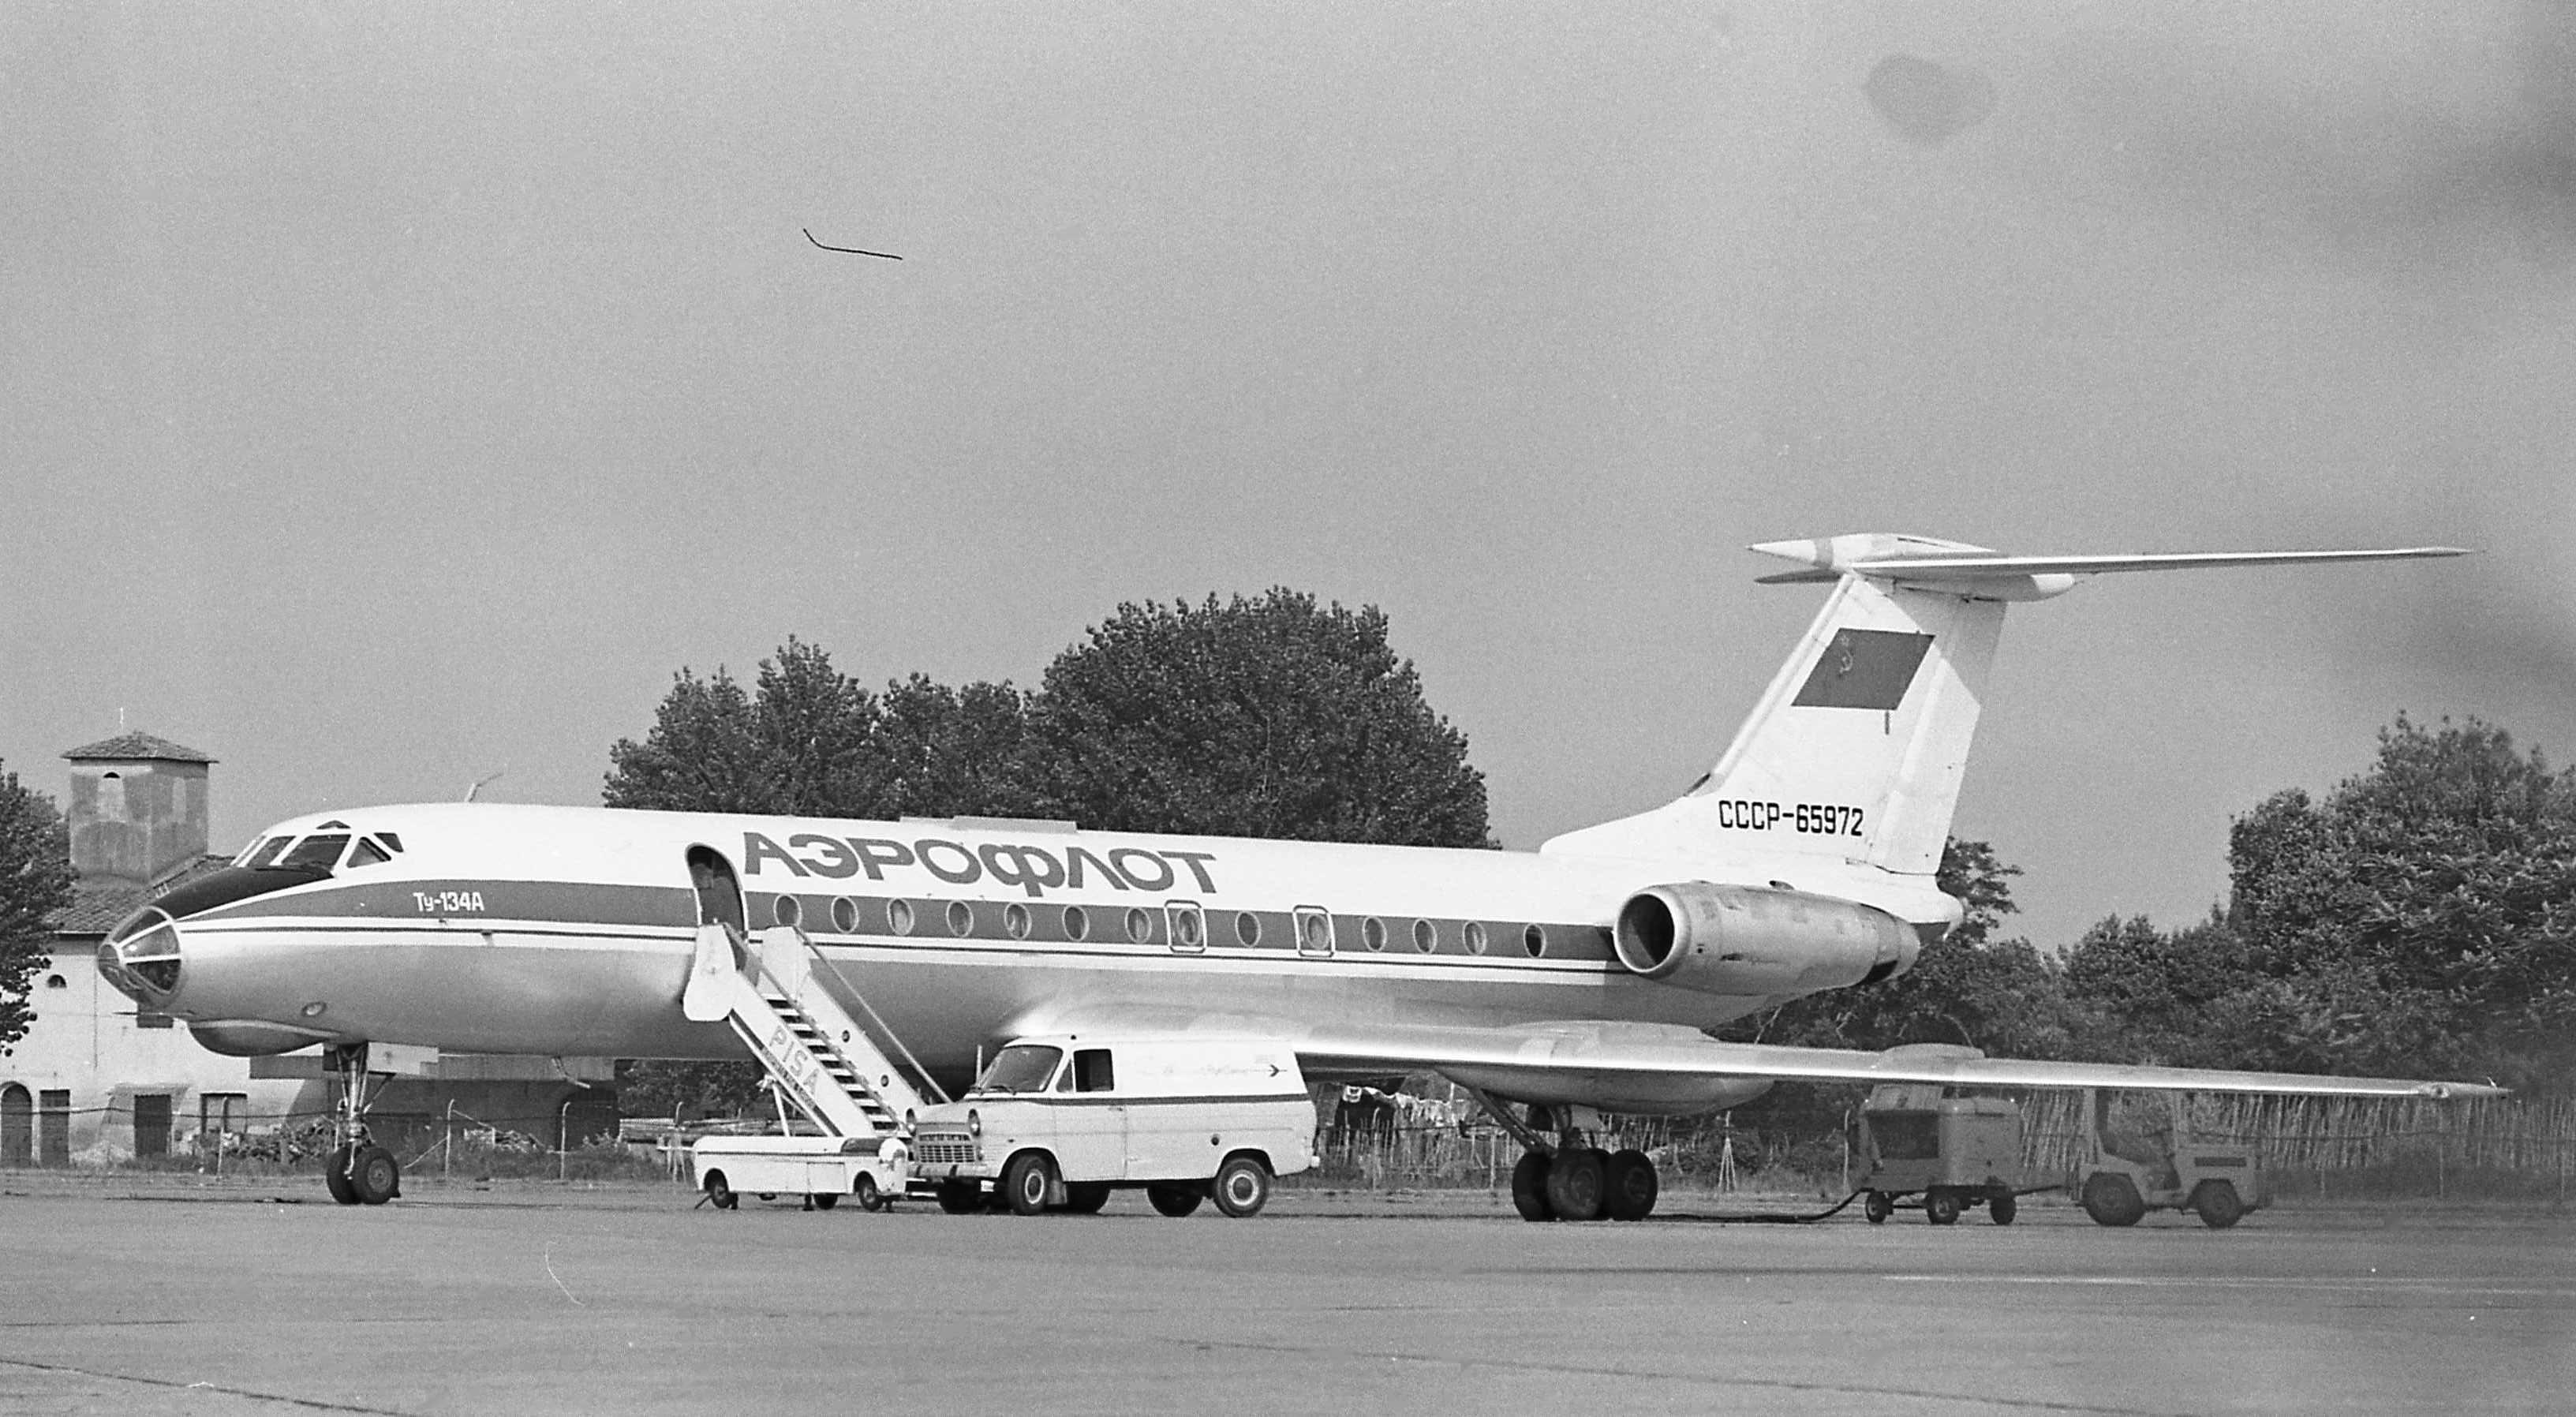 Aeroflot_Tu-134A_CCCP-65972_4N.jpg